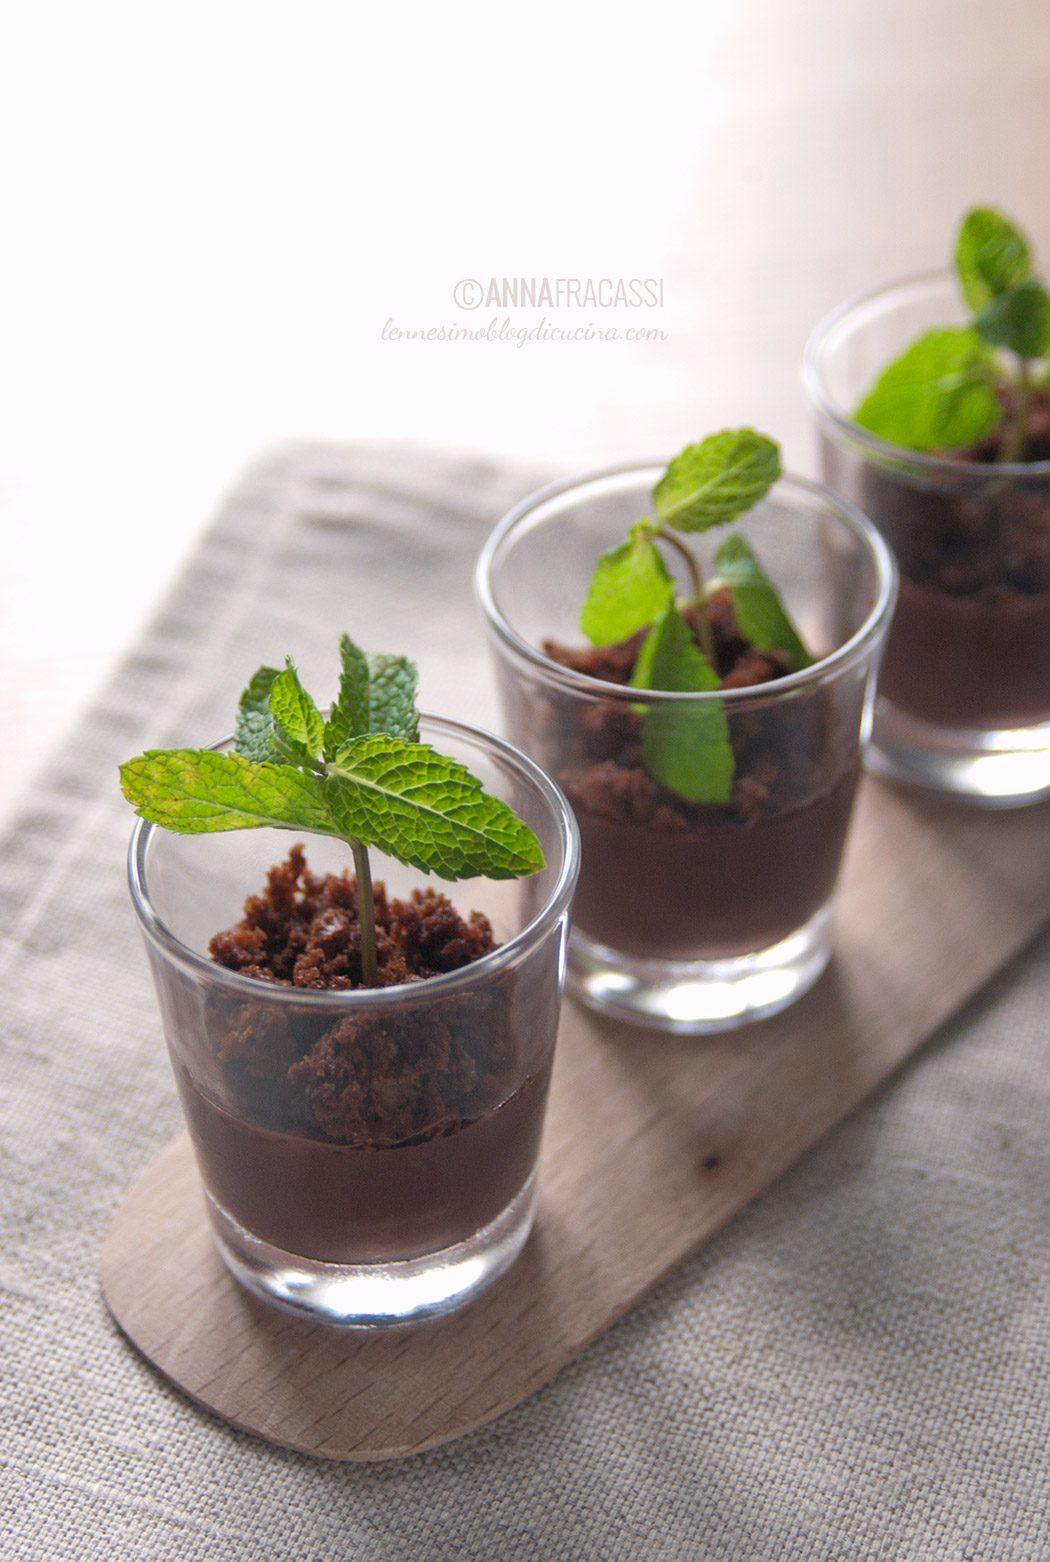 Budino al cioccolato o germogli?